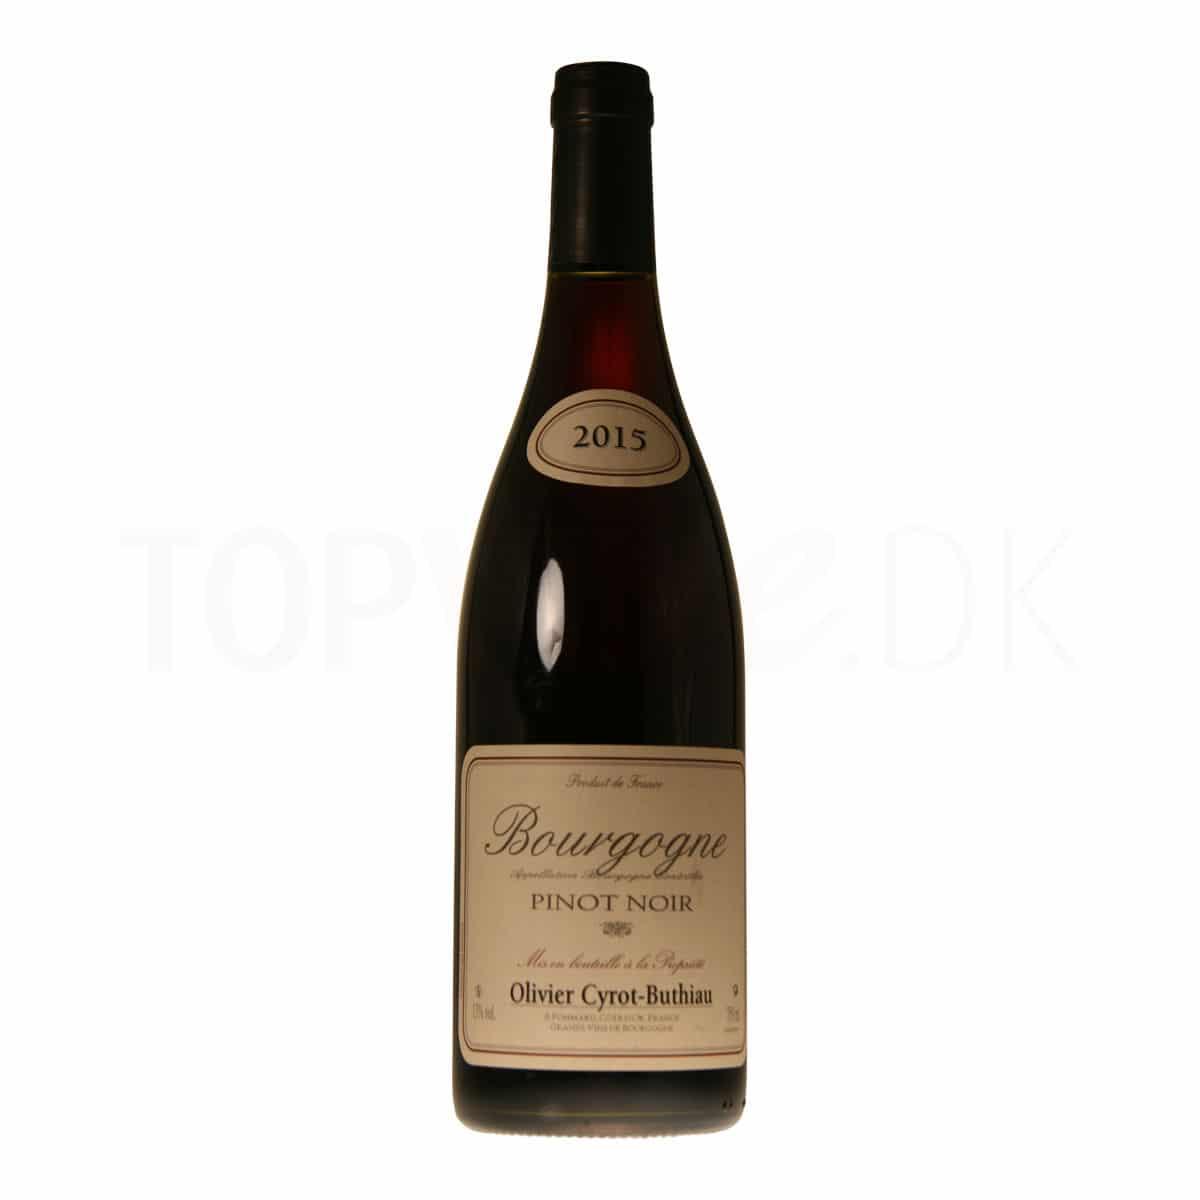 Topvine Olivier Cyrot-Buthiau Pinot Noir 2015